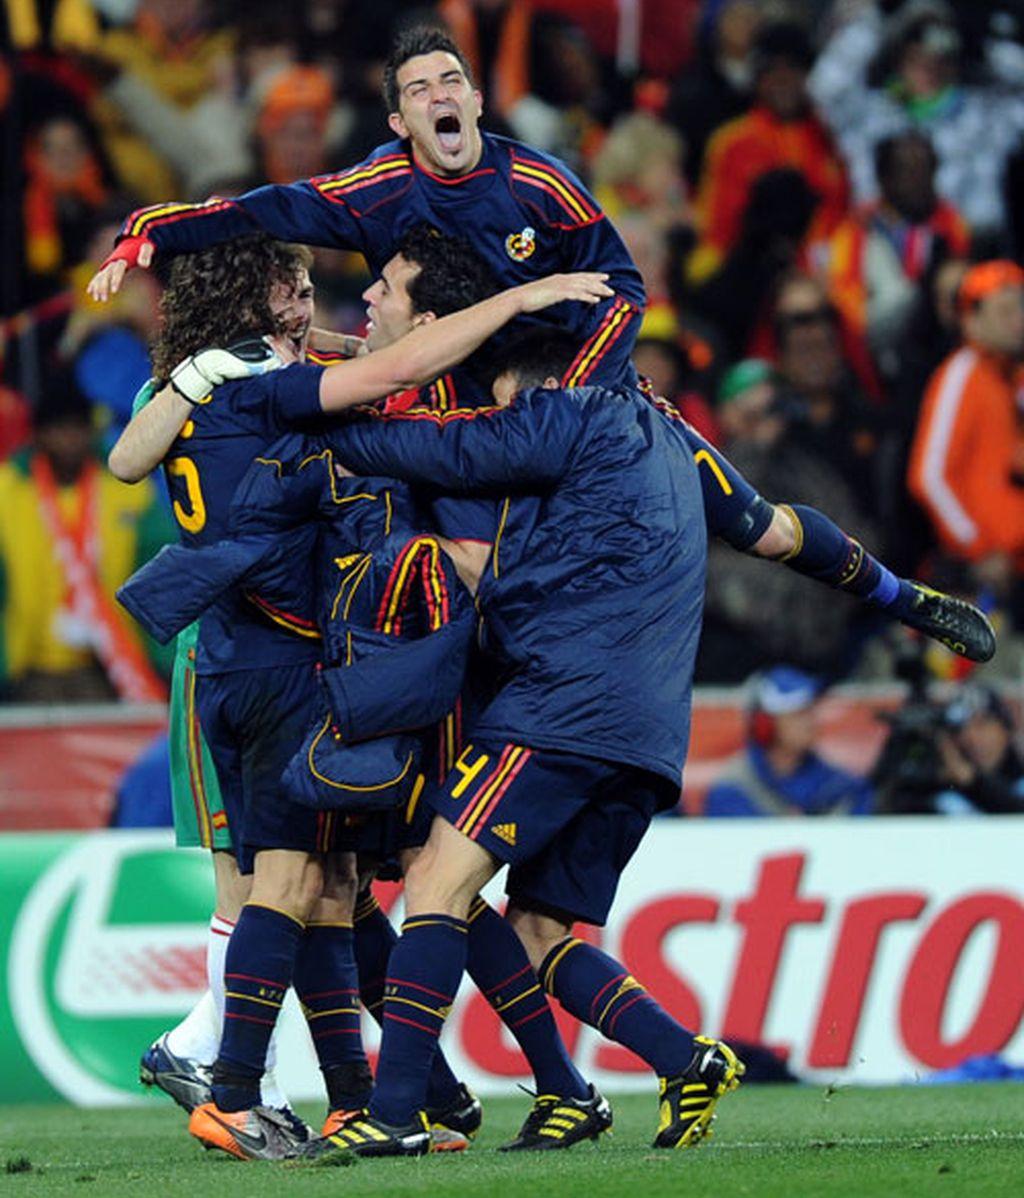 Besos y abrazos para celebrar el triunfo